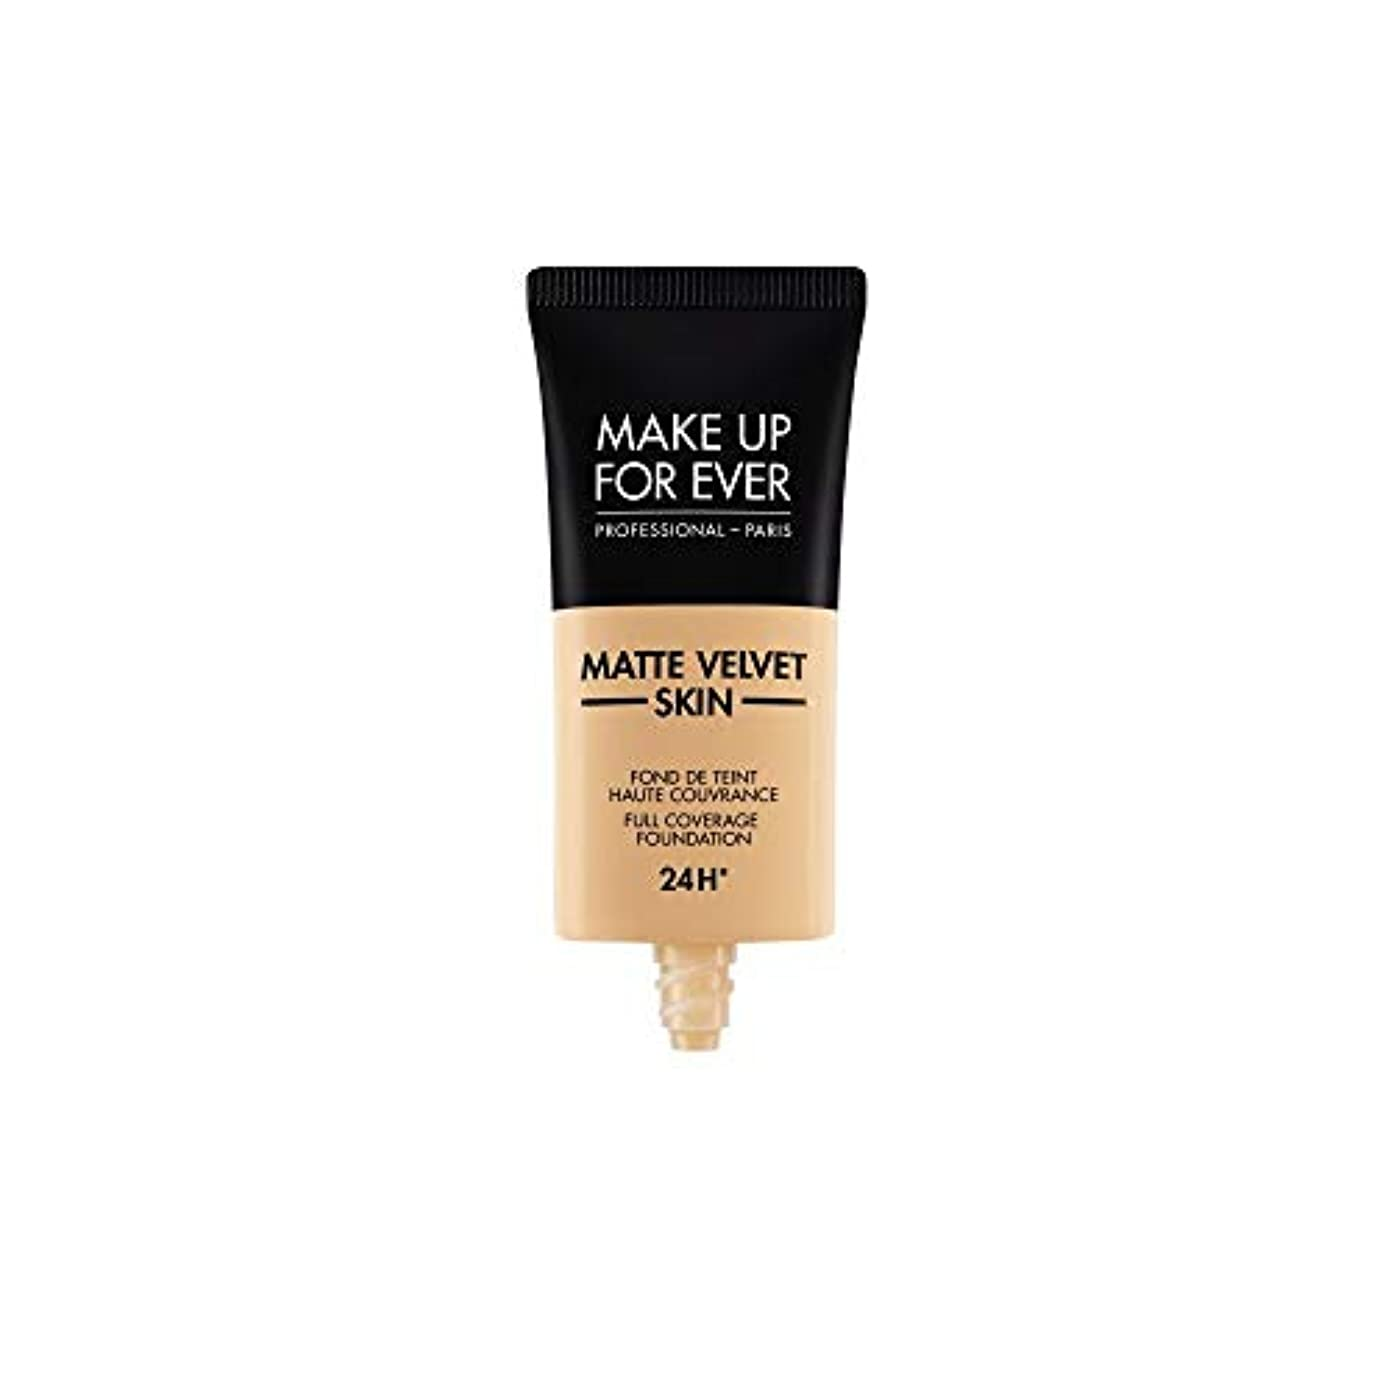 州試してみる整理するメイクアップフォーエバー Matte Velvet Skin Full Coverage Foundation - # Y335 (Dark Sand) 30ml/1oz並行輸入品